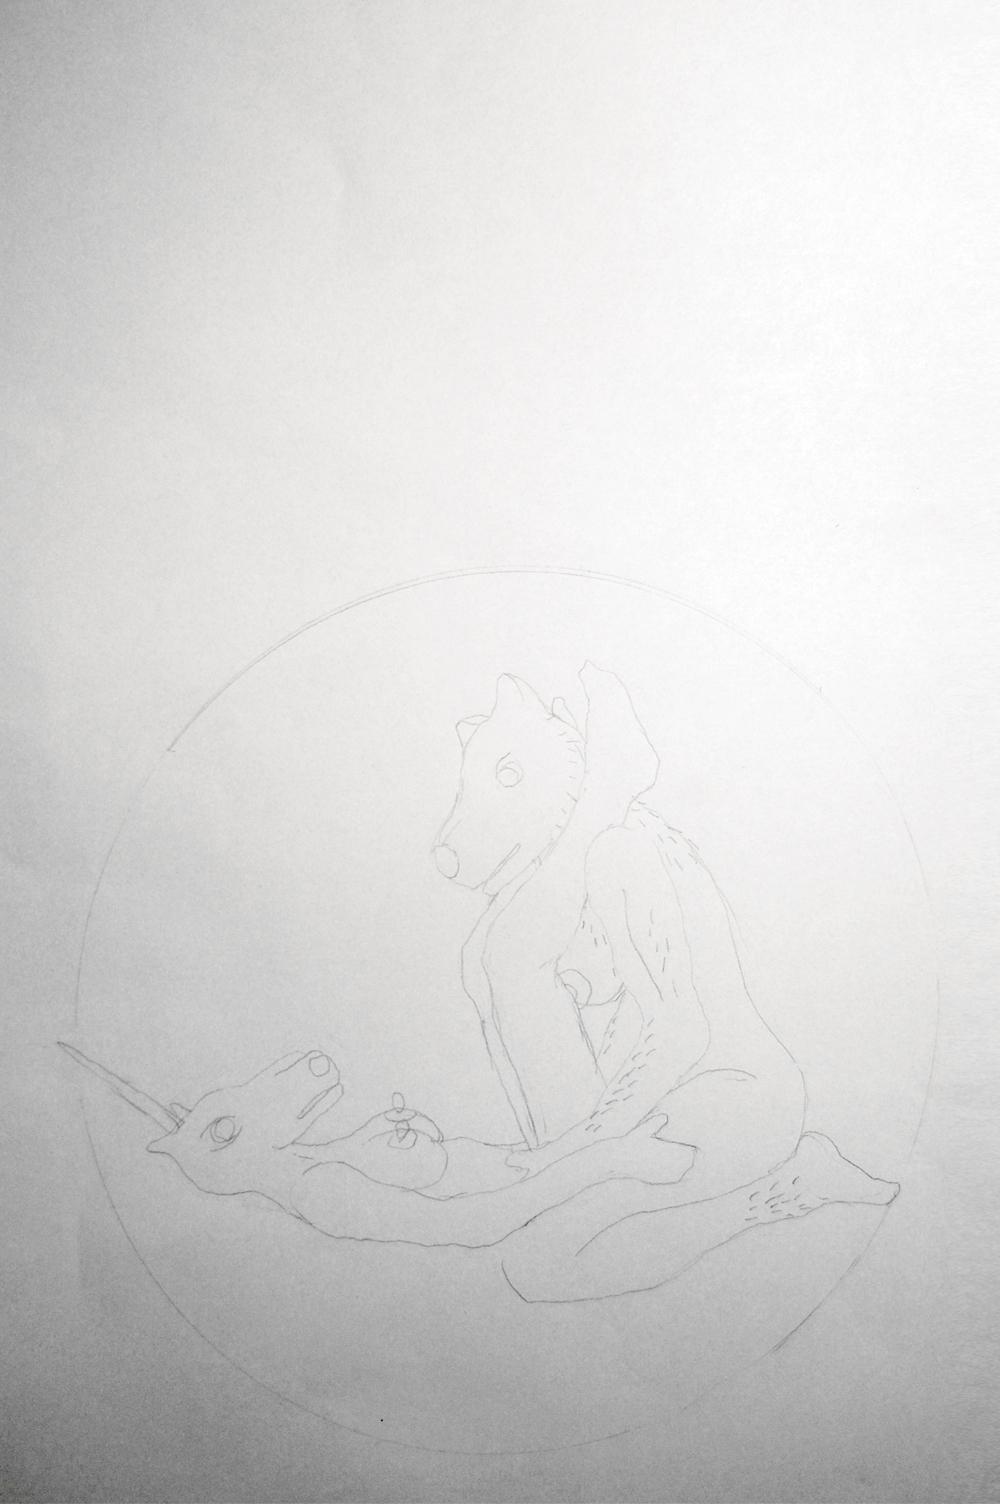 PencilSketch